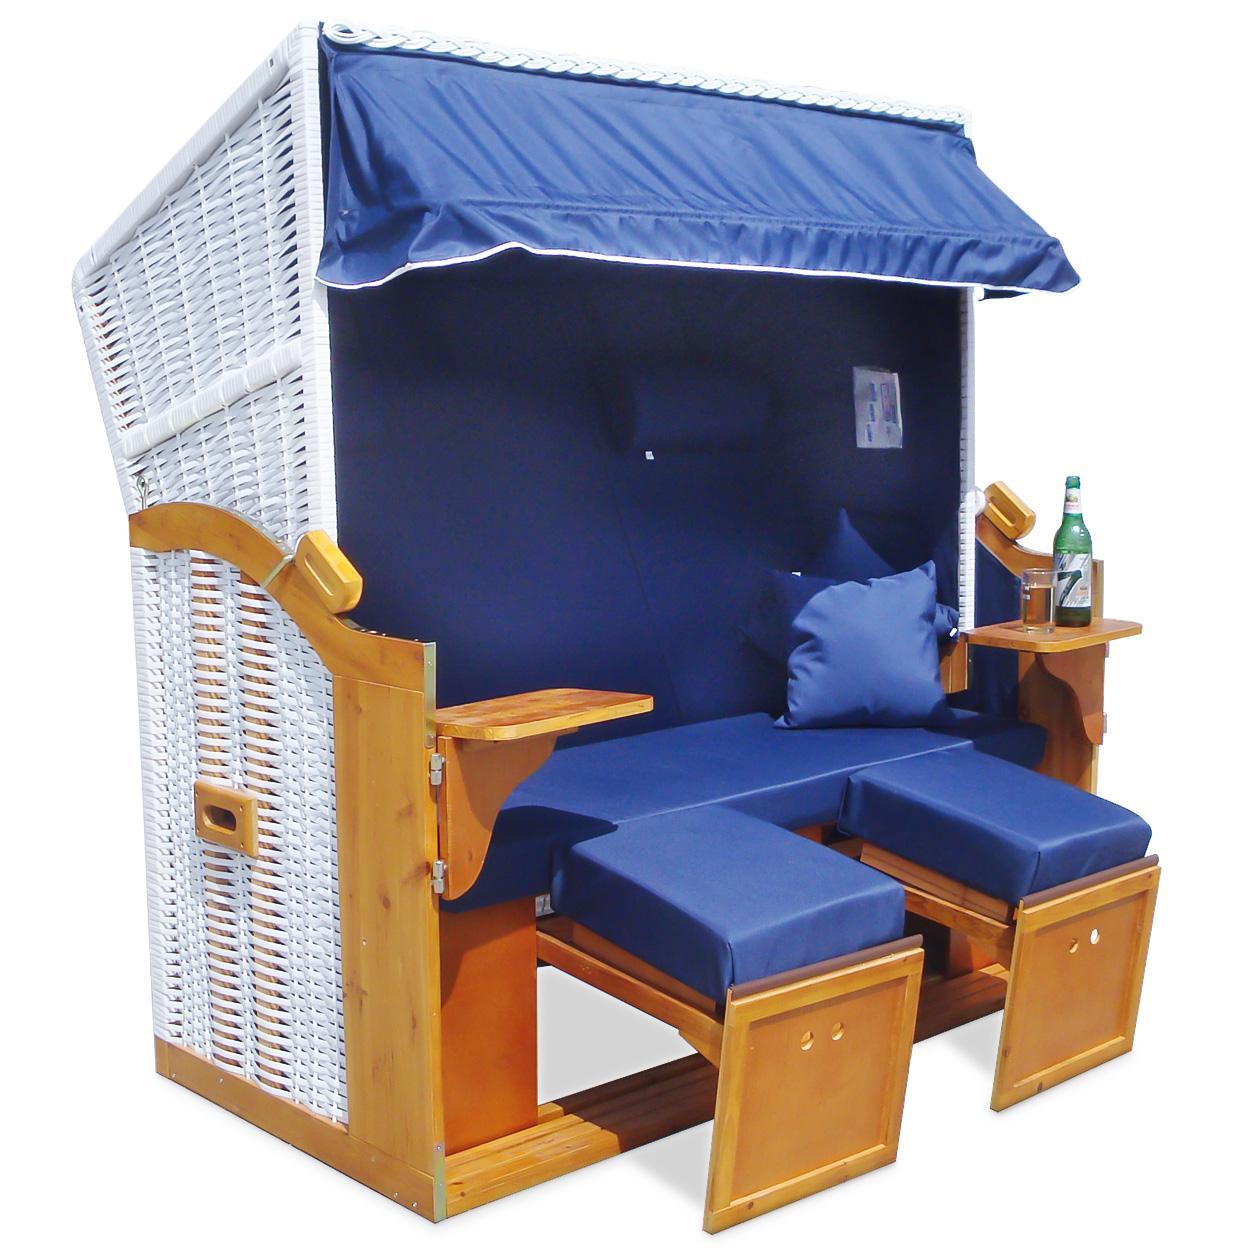 strandkorb 160cm premium nordsee volllieger gartenm bel. Black Bedroom Furniture Sets. Home Design Ideas